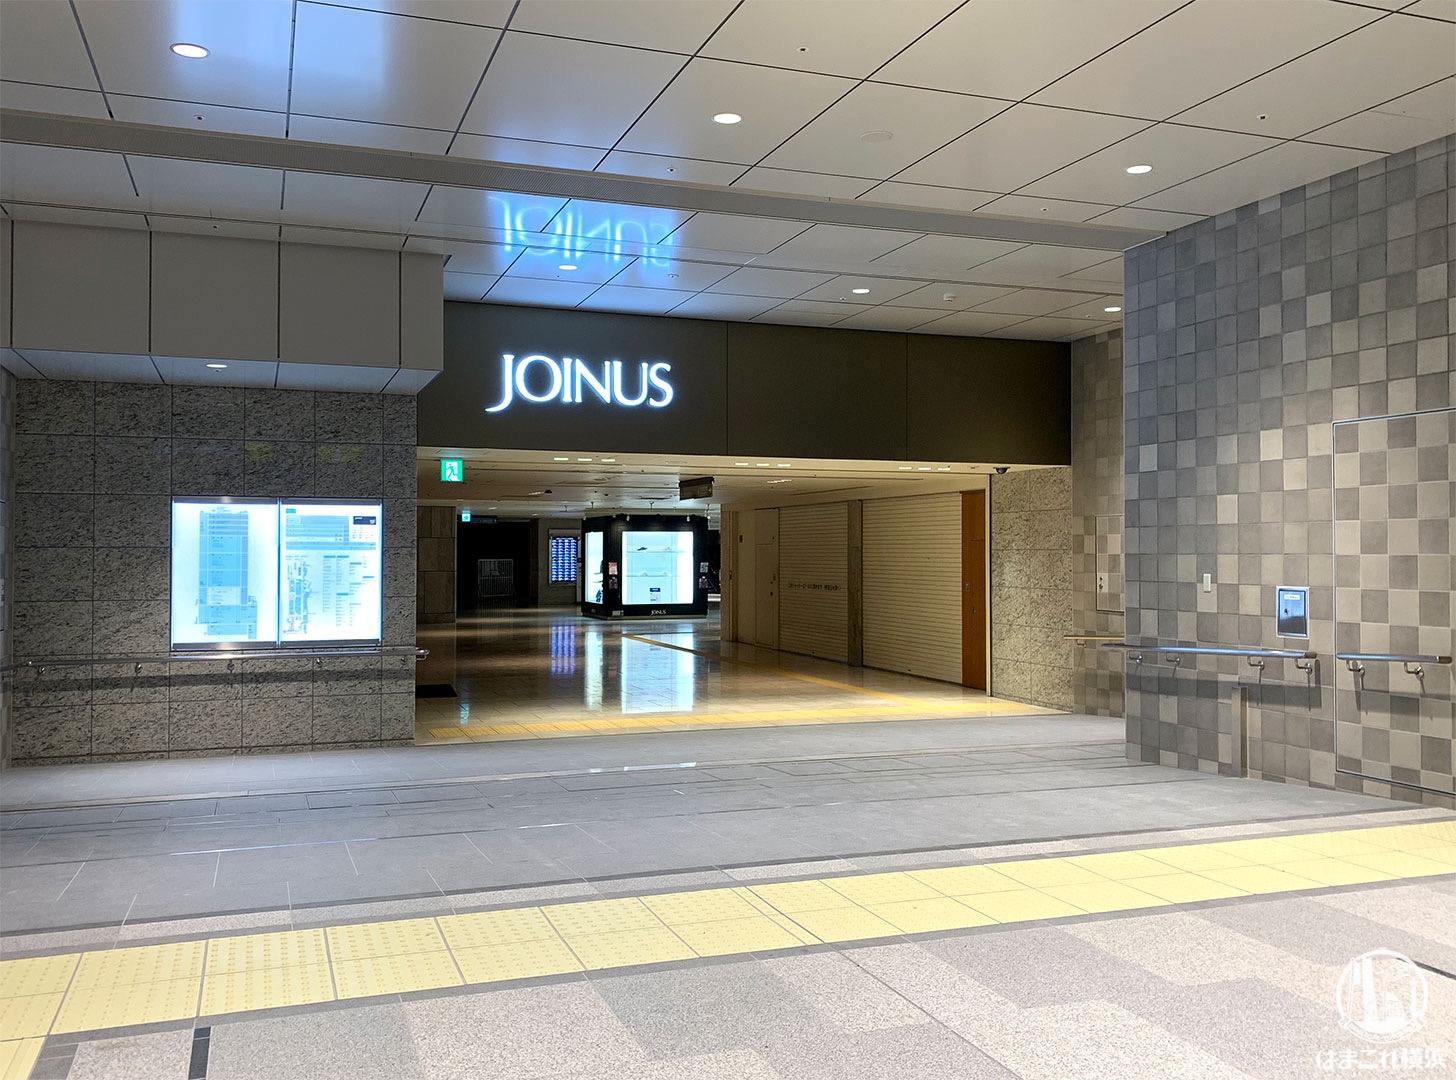 横浜駅西口 吹き抜け「アトリウム」ジョイナス1階に続く通路